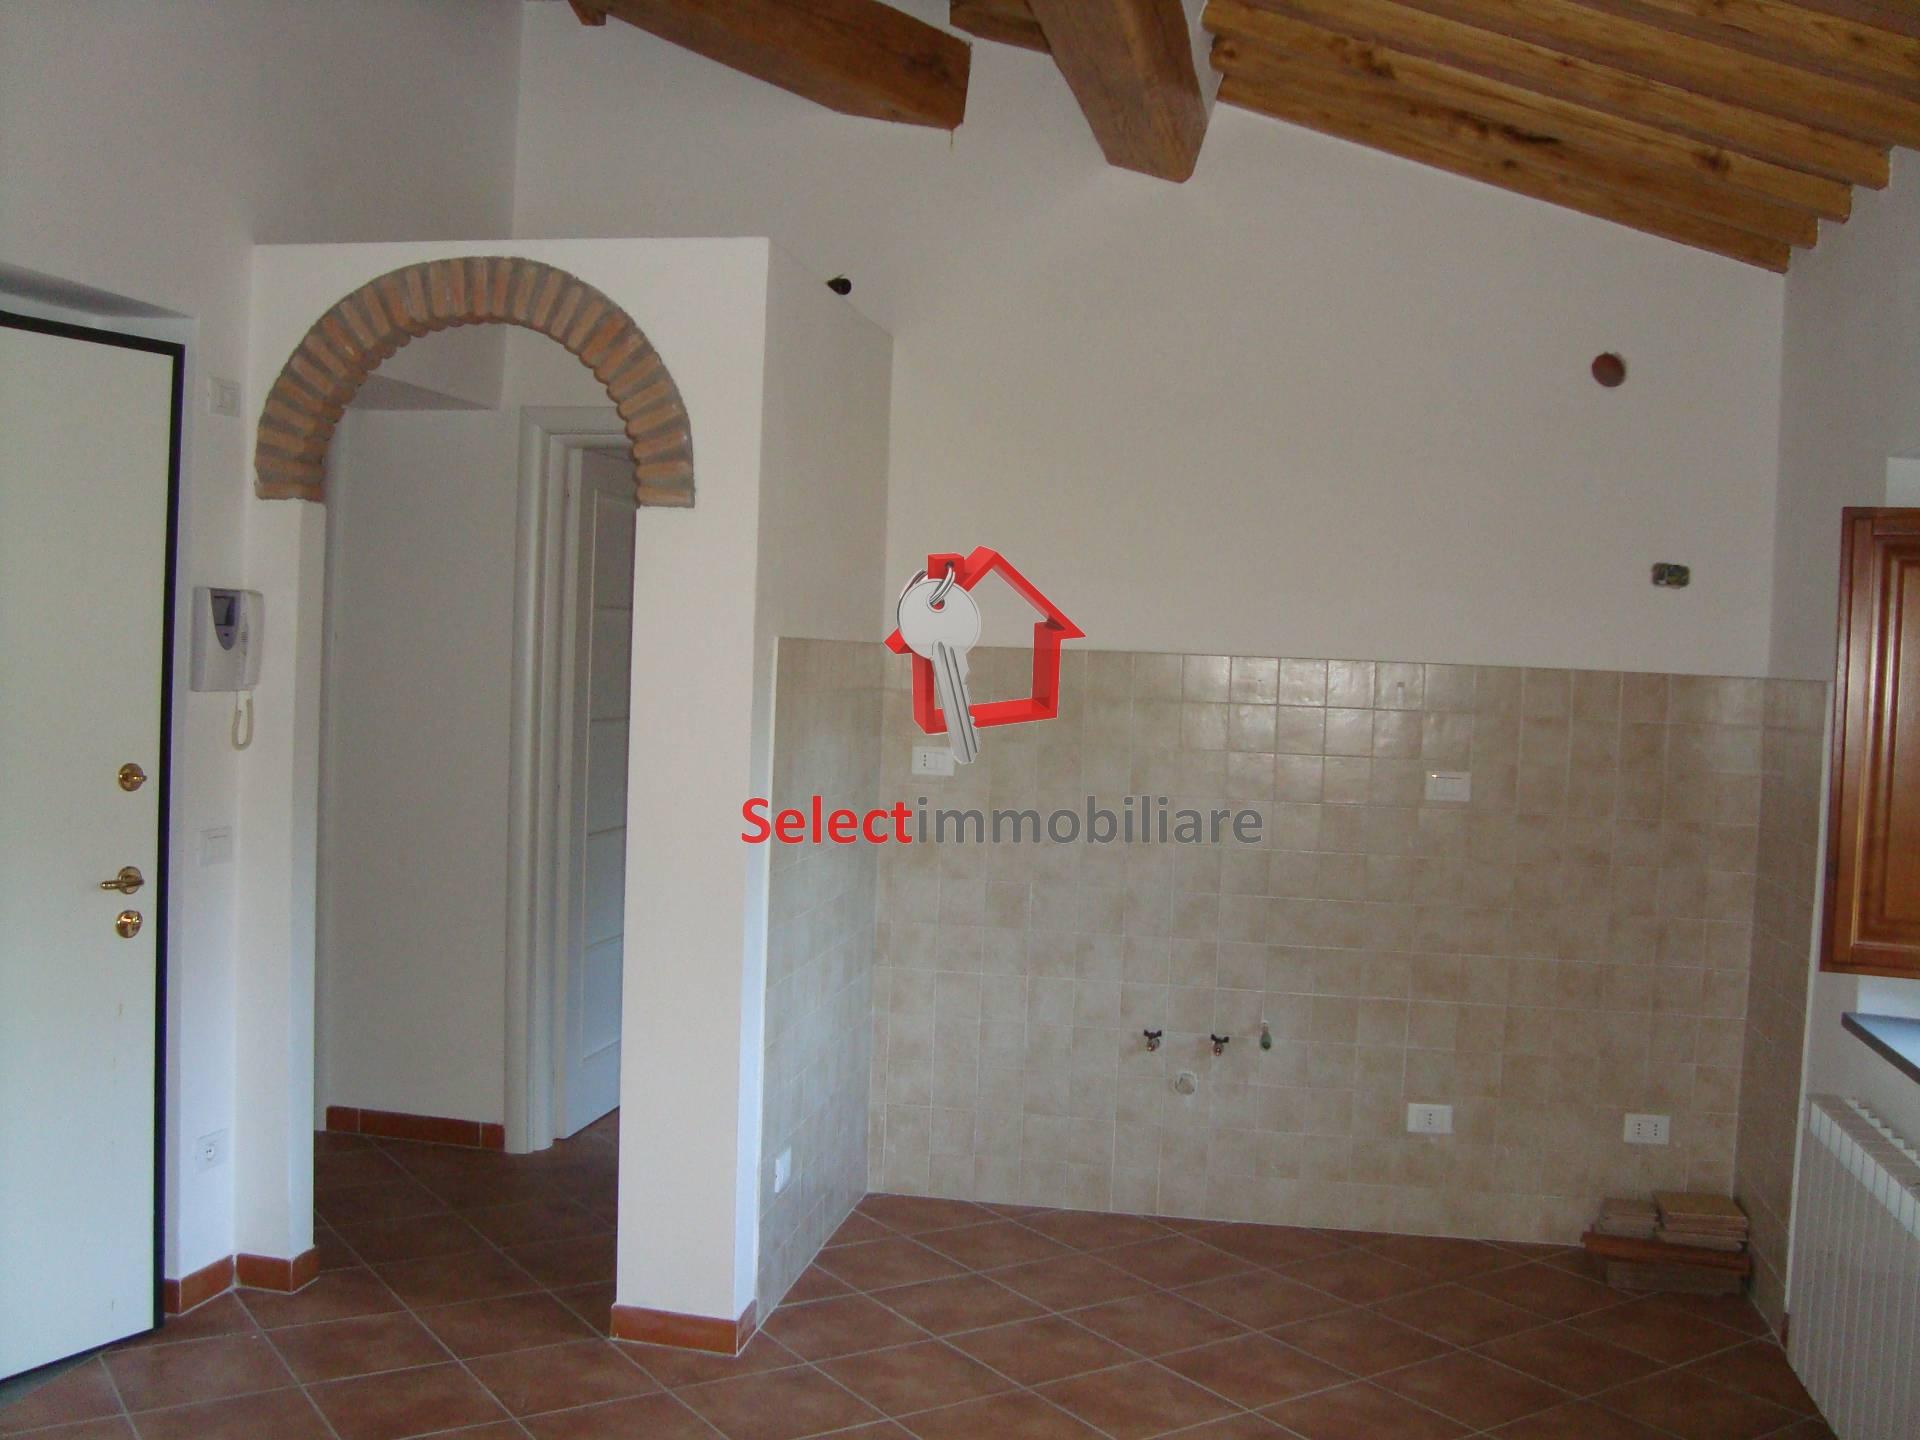 Appartamento in affitto a Borgo a Mozzano, 3 locali, zona Zona: Dezza, prezzo € 135.000 | Cambio Casa.it